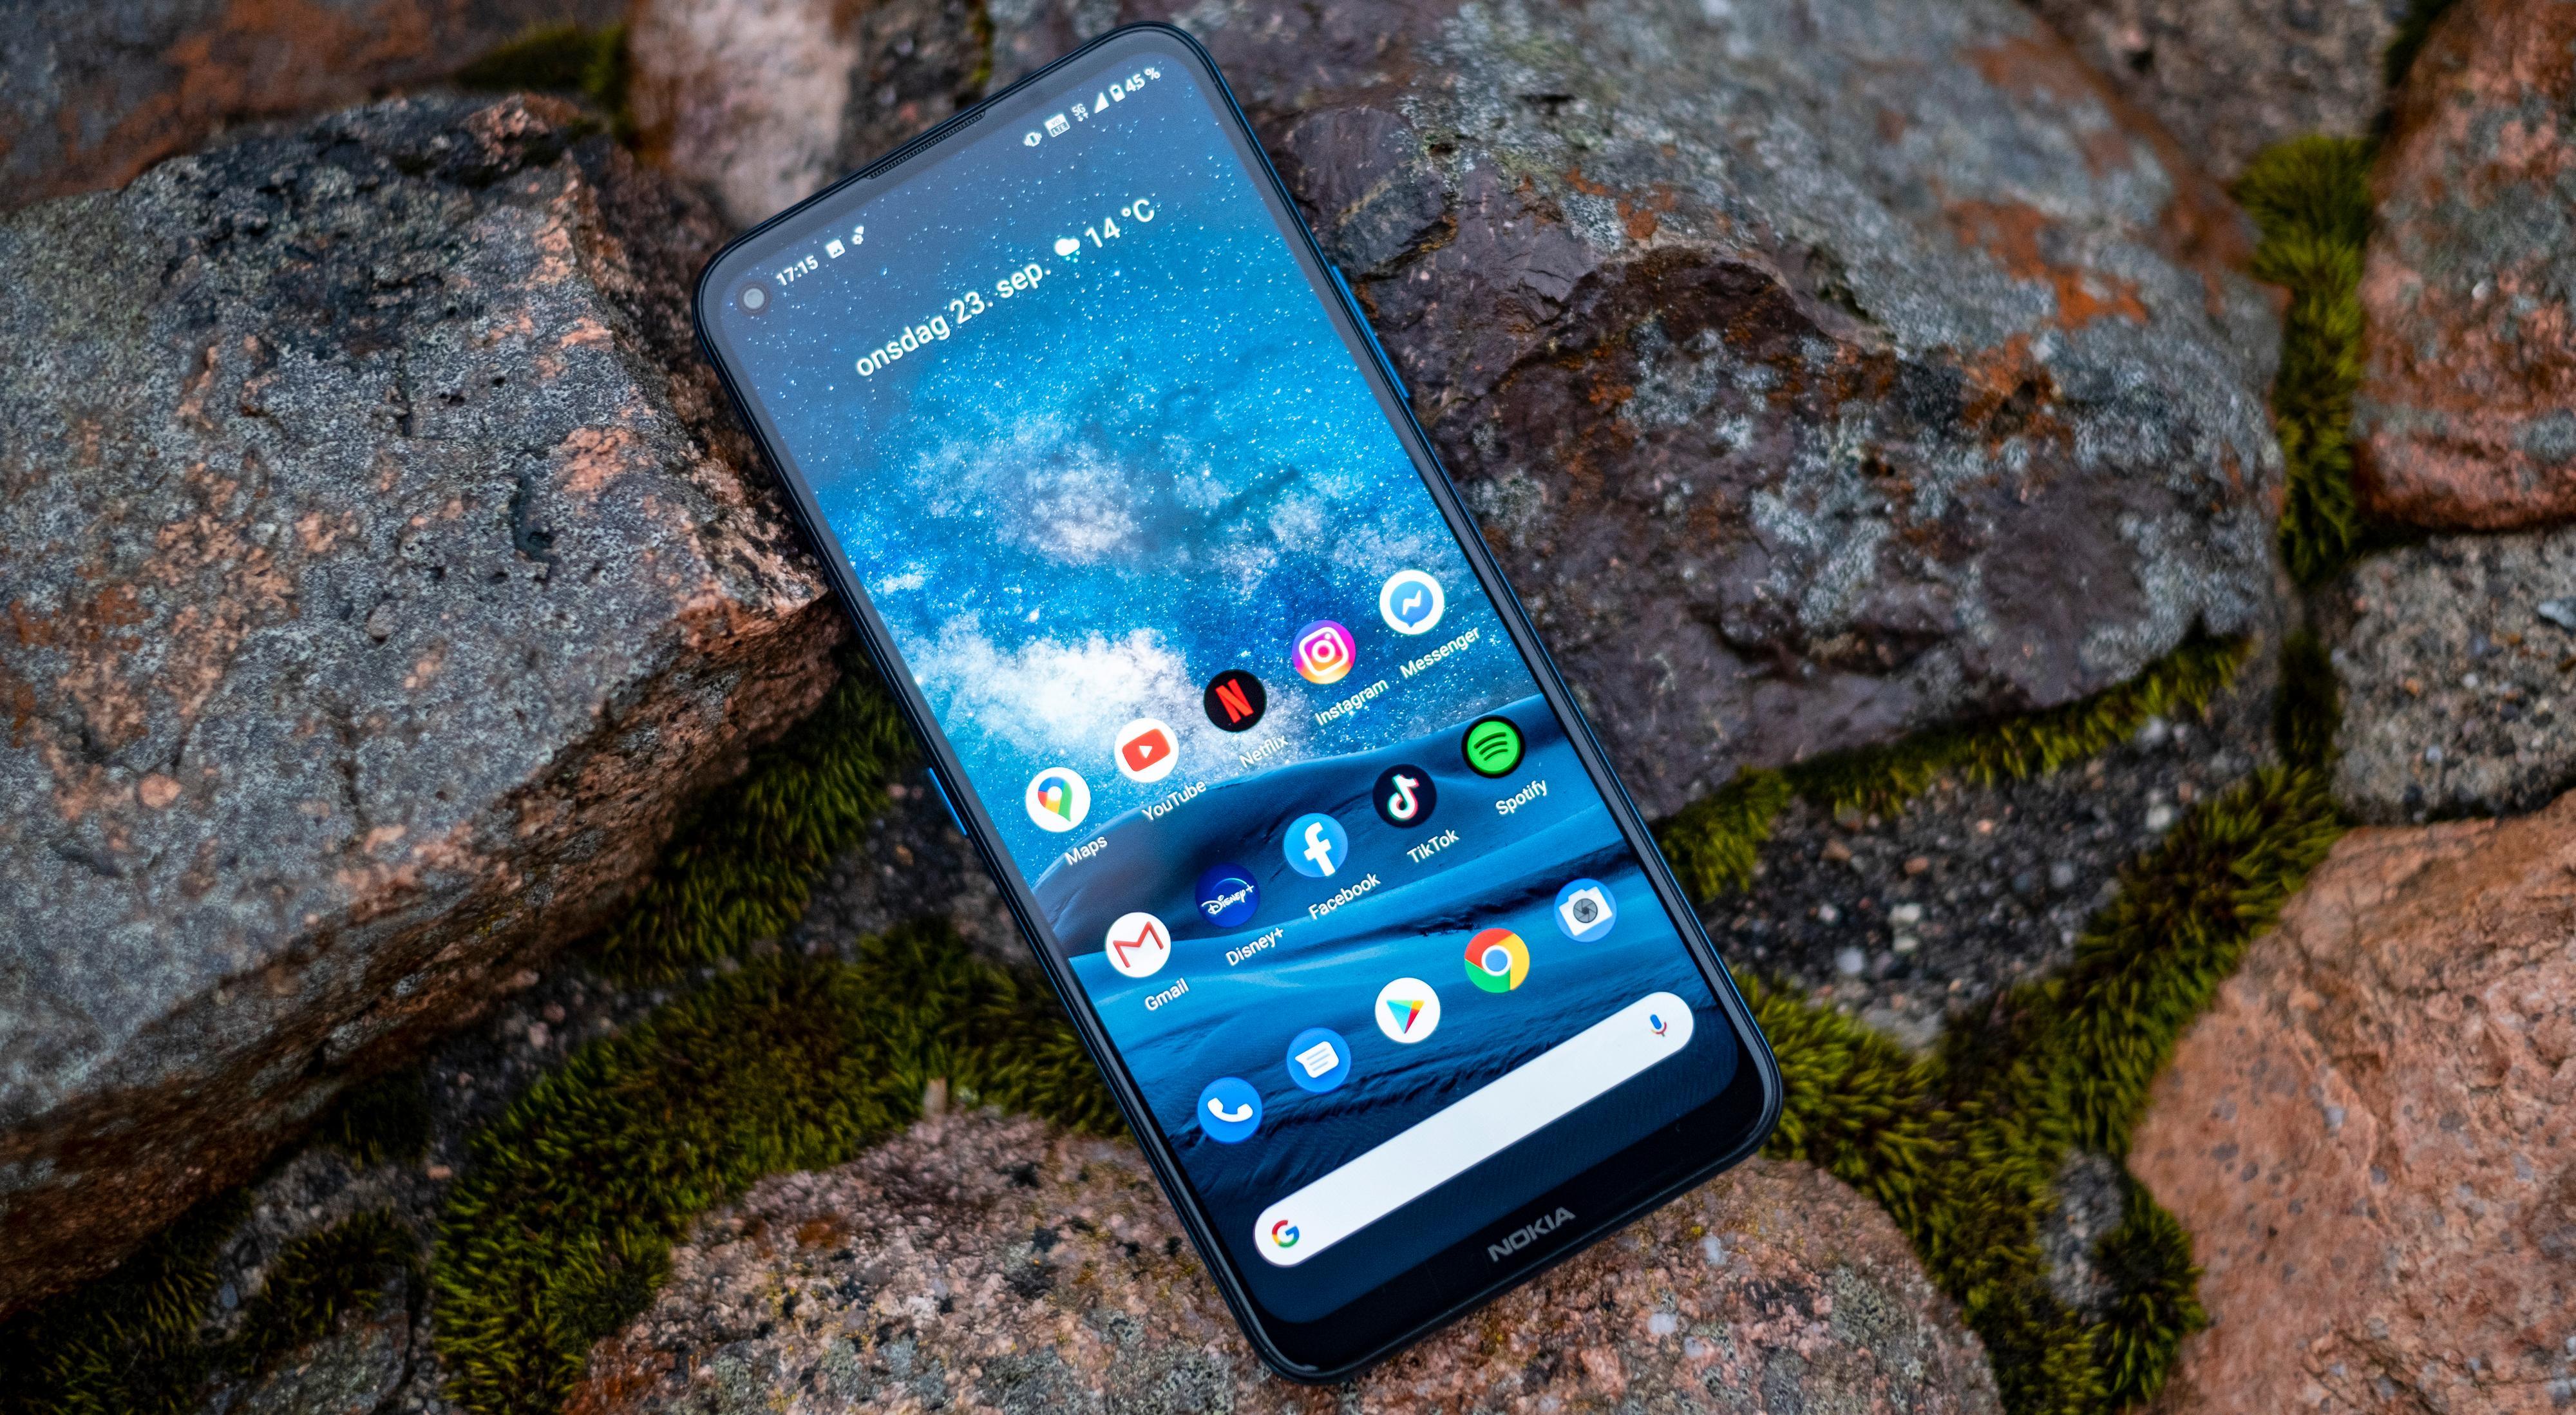 Til 7–8 tusenlapper får kan vi få toppspesifiserte mobiler fra andre leverandører. Spesielt OnePlus 8 og Samsung Galaxy S20 er aktuelle kandidater. Vi hadde kanskje håpet på at Nokia 8.3 i det minste var tett for tusenlappene opp fra klassen konkurrentene er i - men det er den ikke. Grunnleggende værtetting ser den imidlertid ut til å ha likevel.